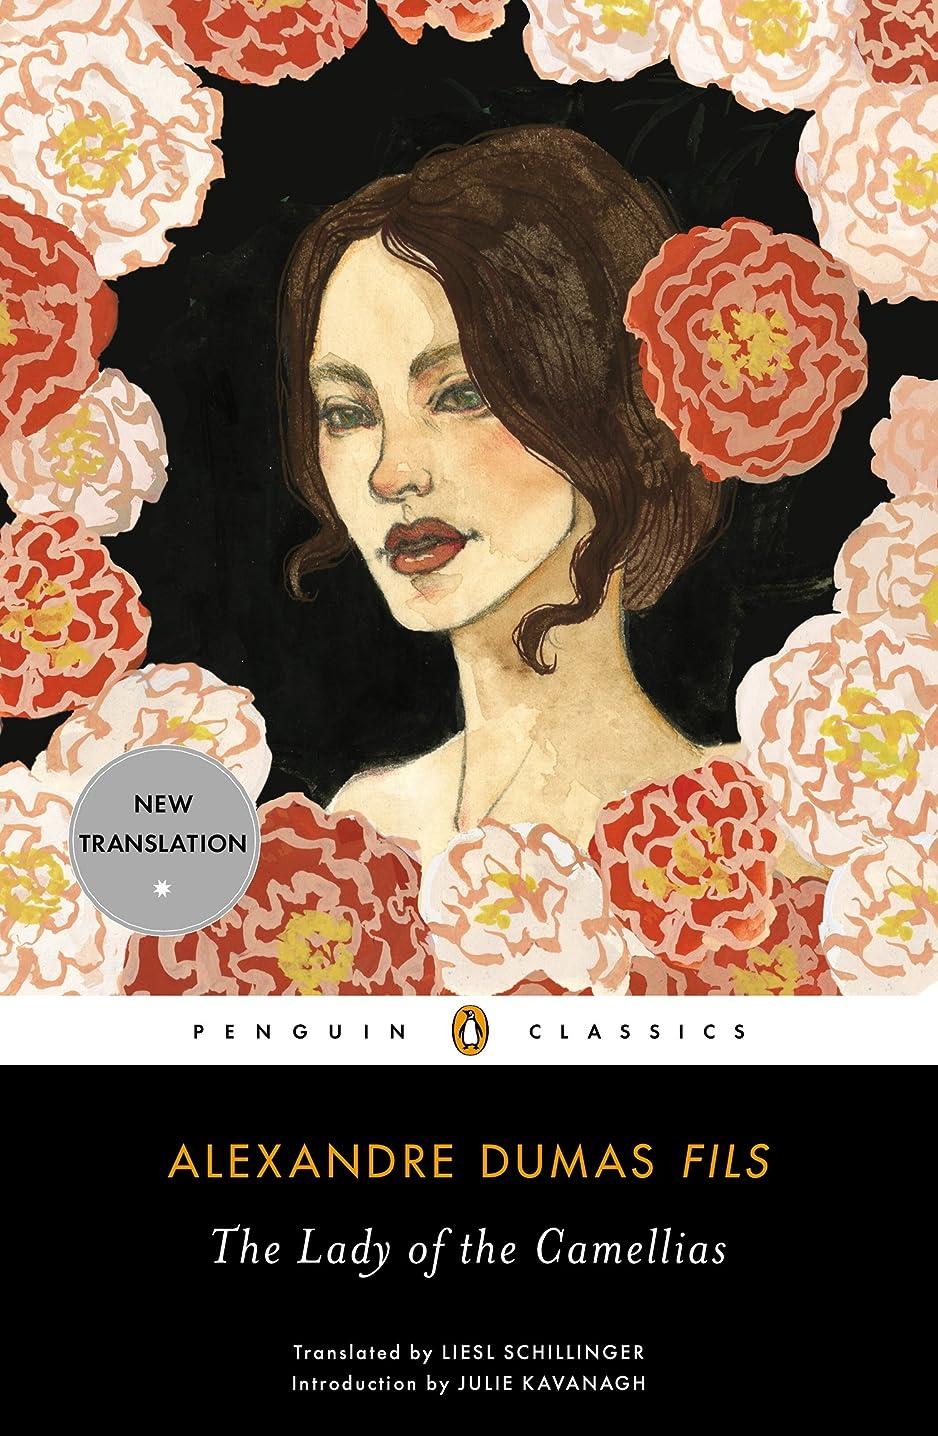 先祖作る先祖The Lady of the Camellias (Penguin Classics) (English Edition)